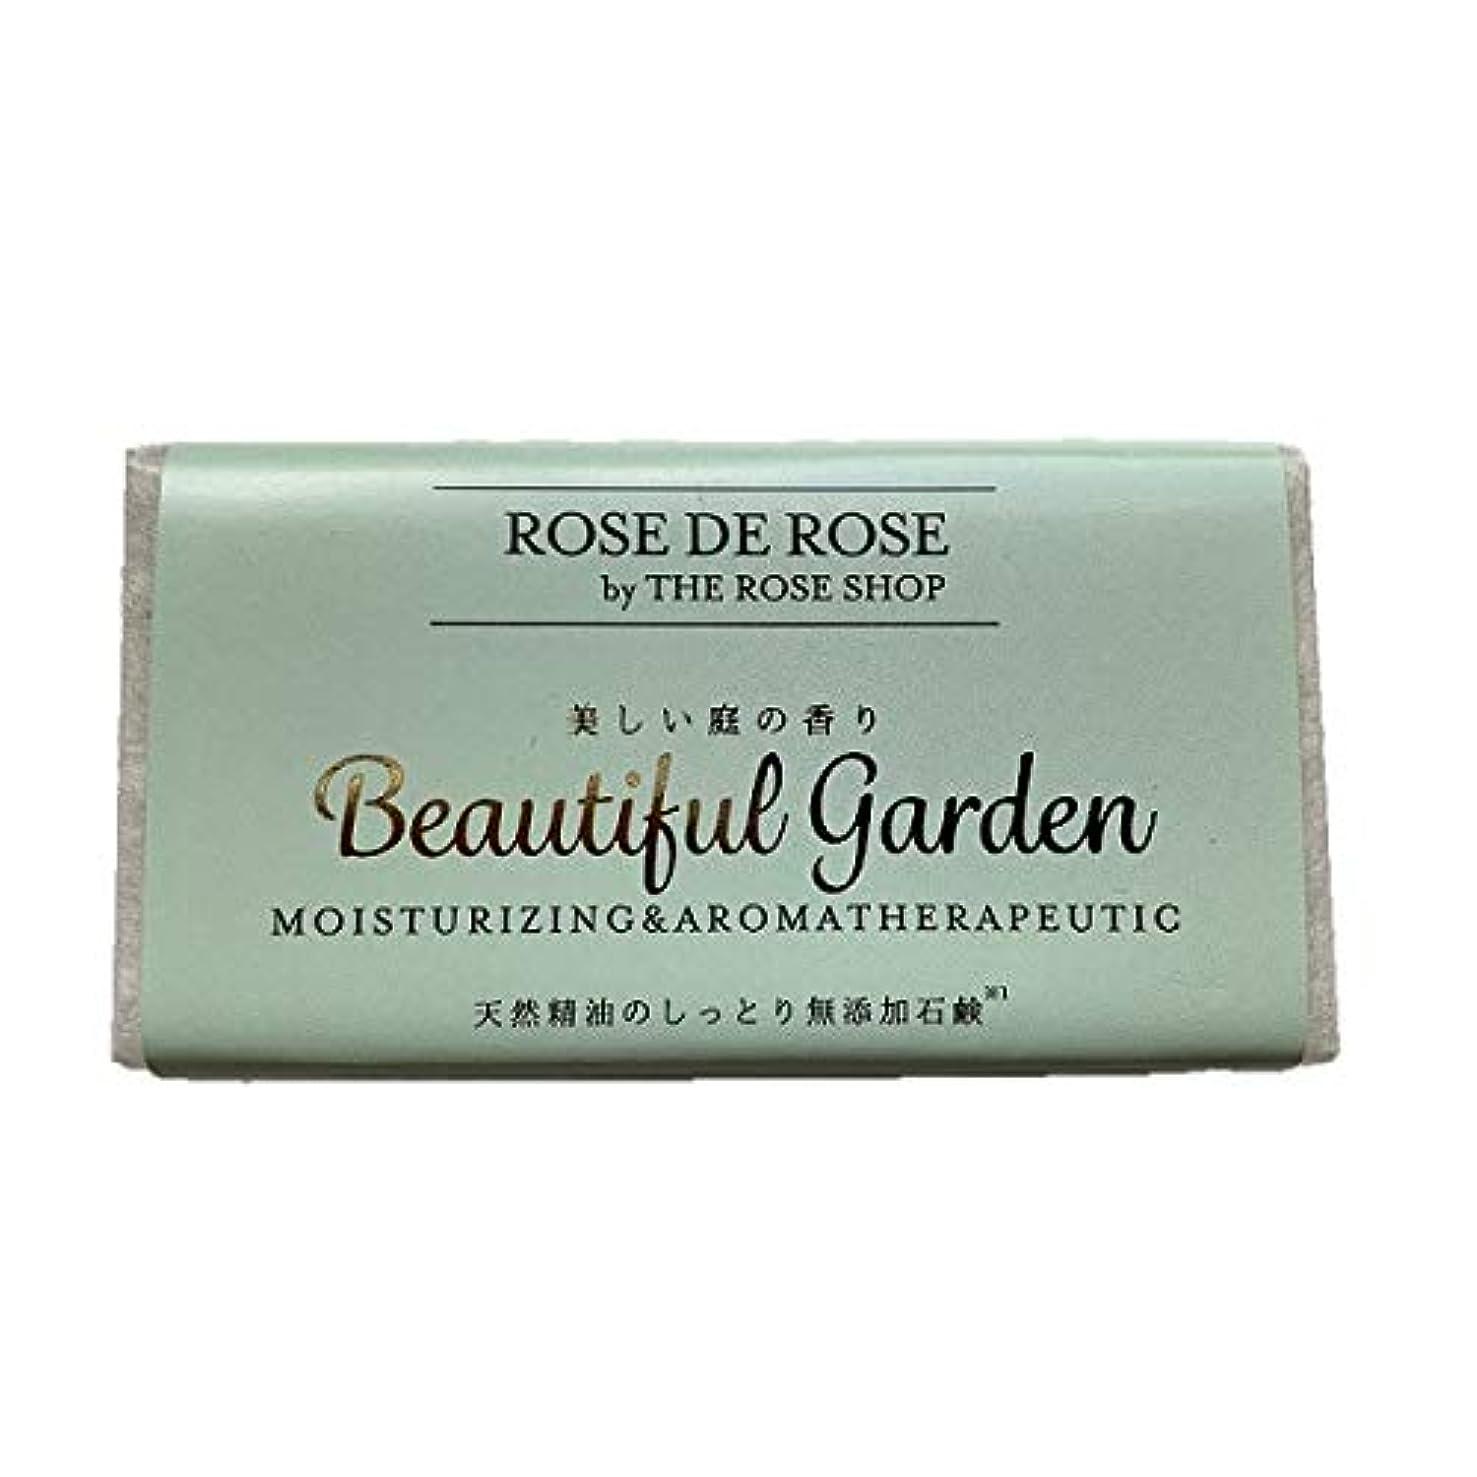 加害者オープナー純度天然精油の無添加石鹸 「美しい庭の香り ビューティフルガーデン」2個セット